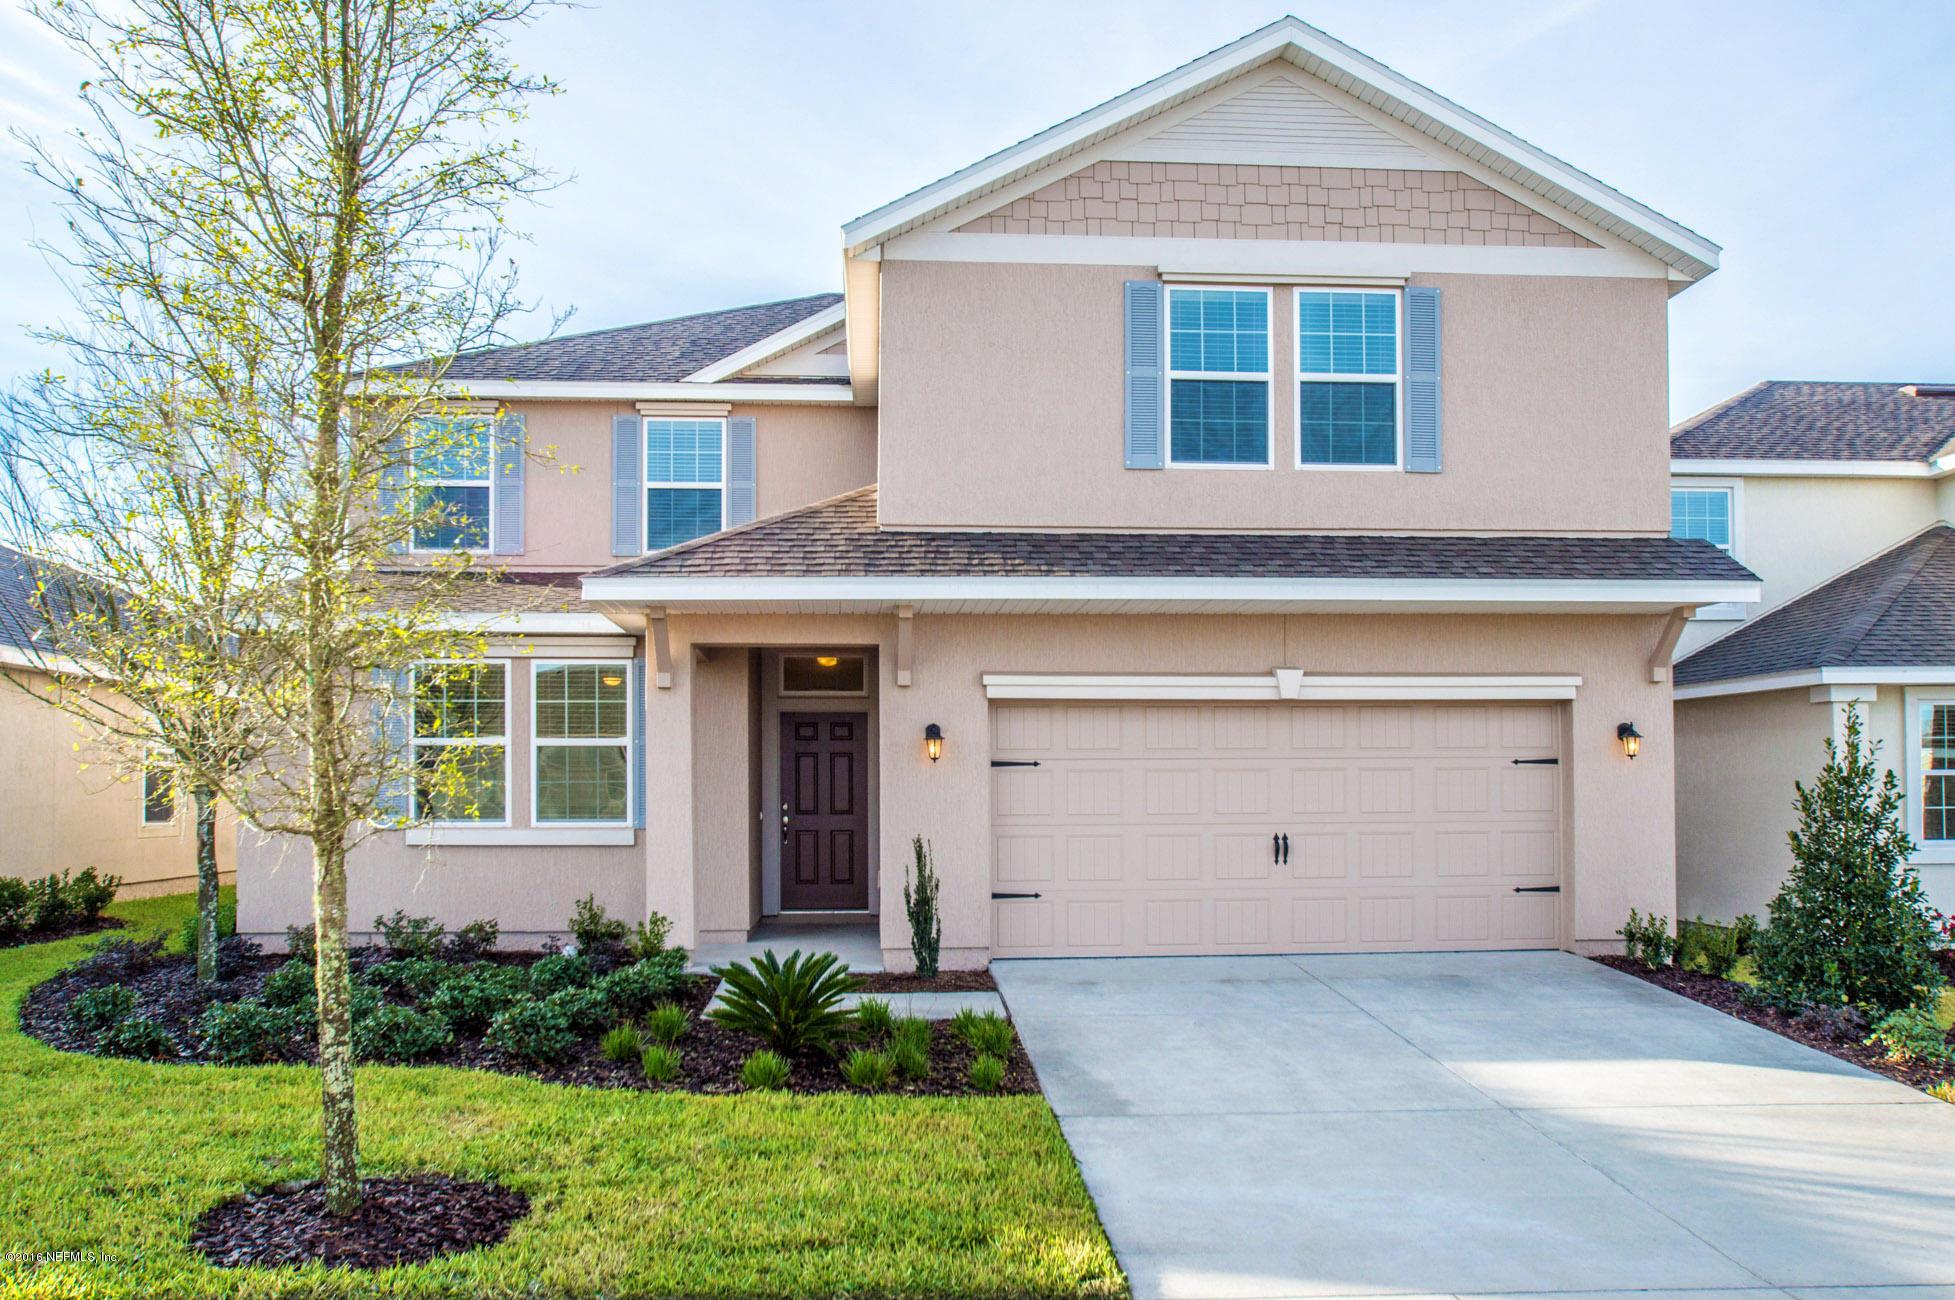 3331 BRADLEY CREEK, GREEN COVE SPRINGS, FLORIDA 32043, 5 Bedrooms Bedrooms, ,3 BathroomsBathrooms,Residential - single family,For sale,BRADLEY CREEK,926489